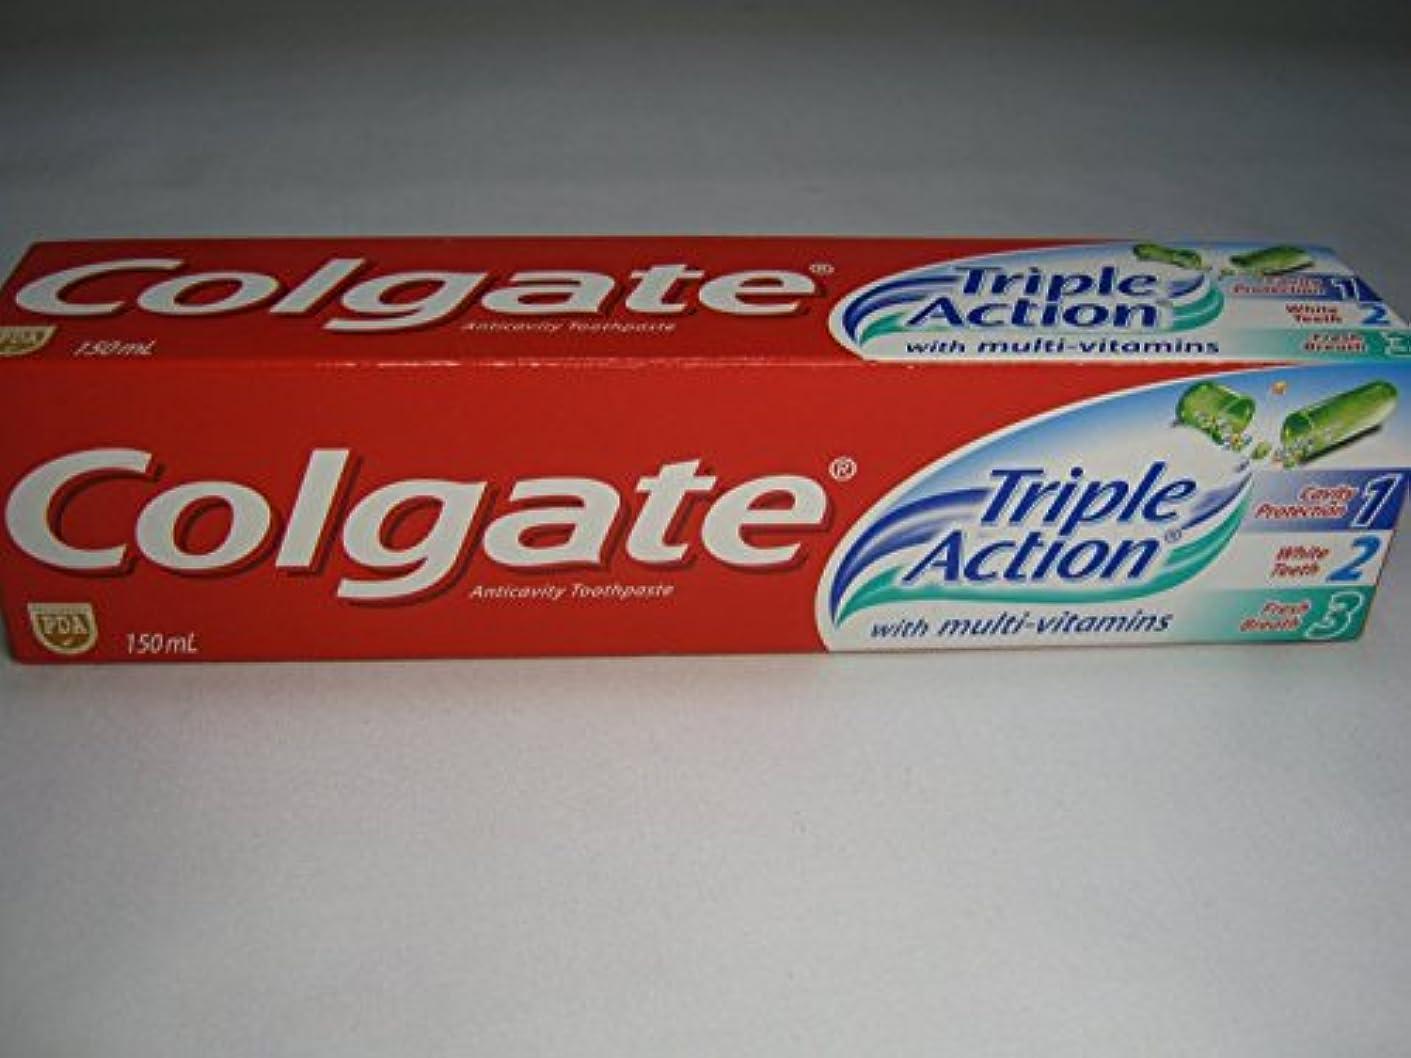 悪性真剣に電気技師Colgate Triple Action Toothpaste コールゲート トリプルアクション 歯磨き粉 [並行輸入品]